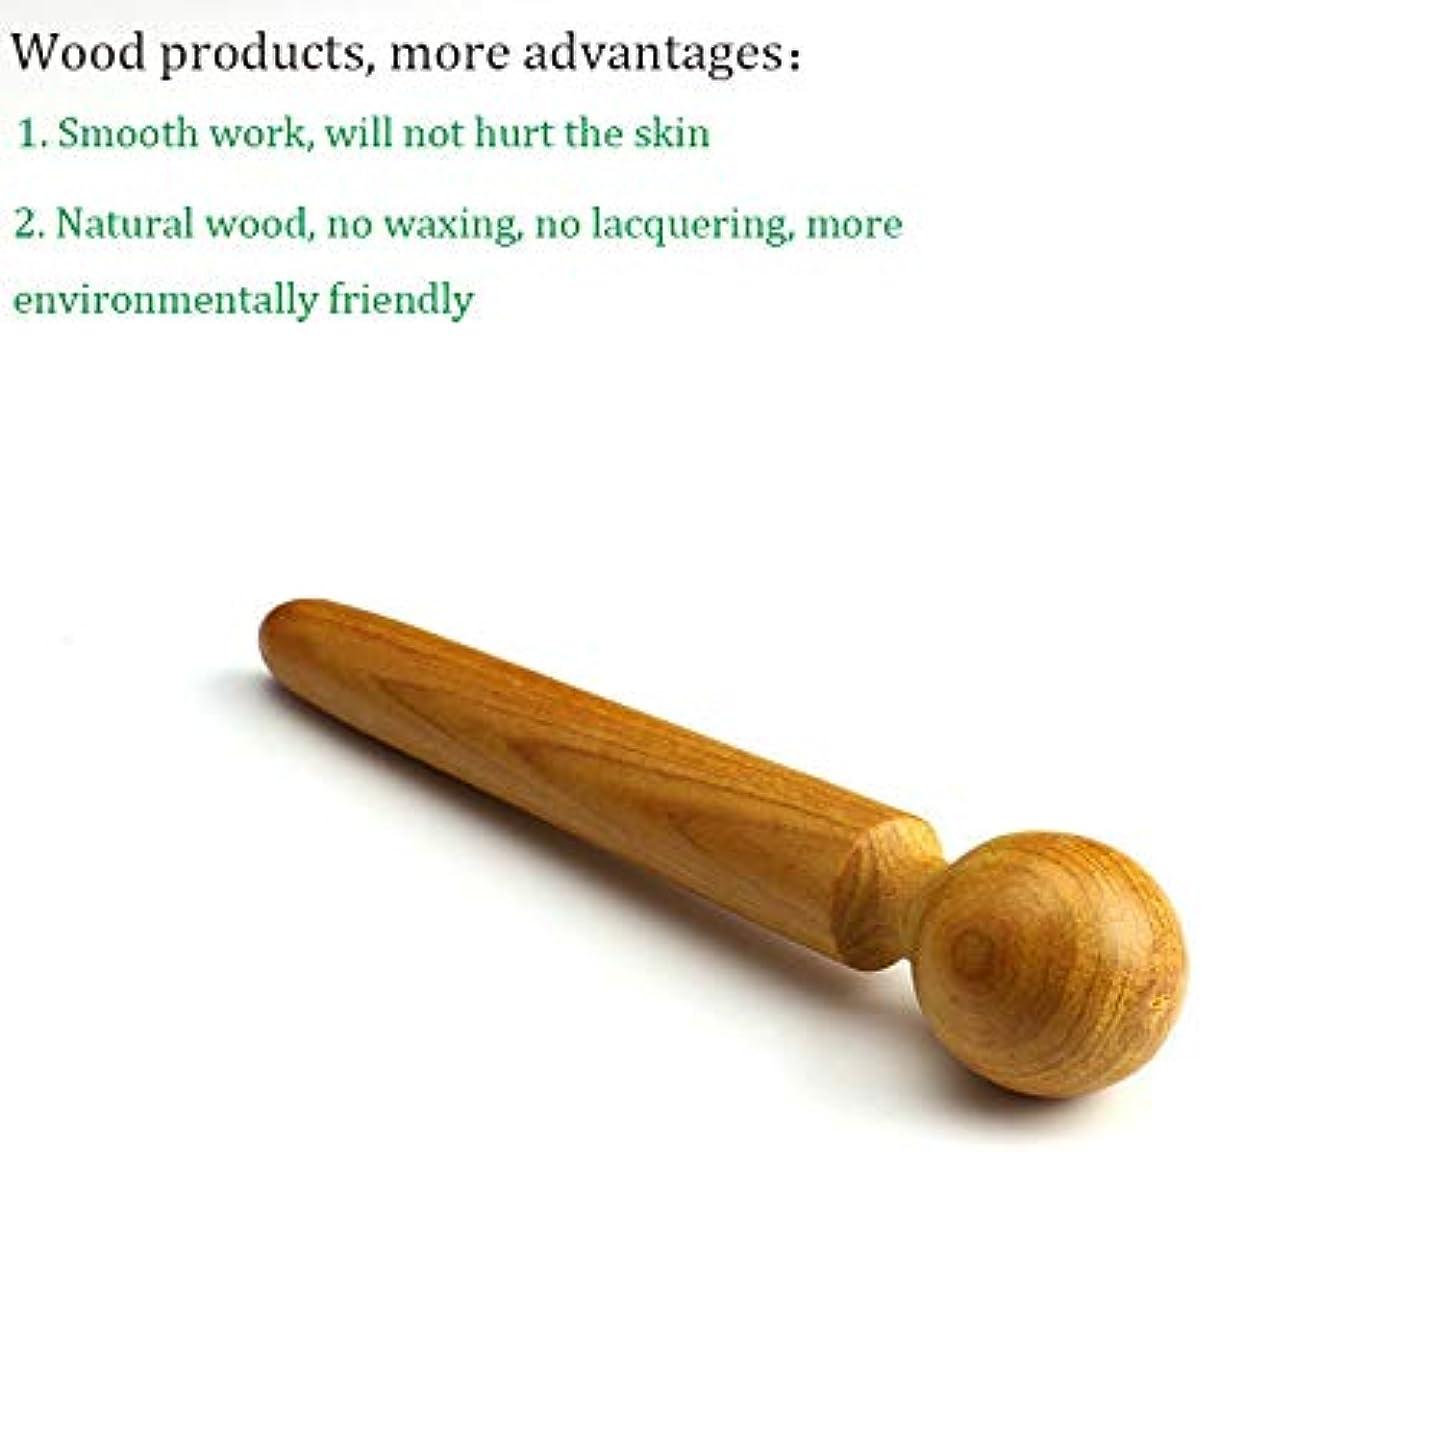 ルビー漁師なぞらえるDC 木製マッサージャー 木製フットポイントスティック 鍼治療ポイントロッドSPAボディフットマッサージツール 疲労緩和